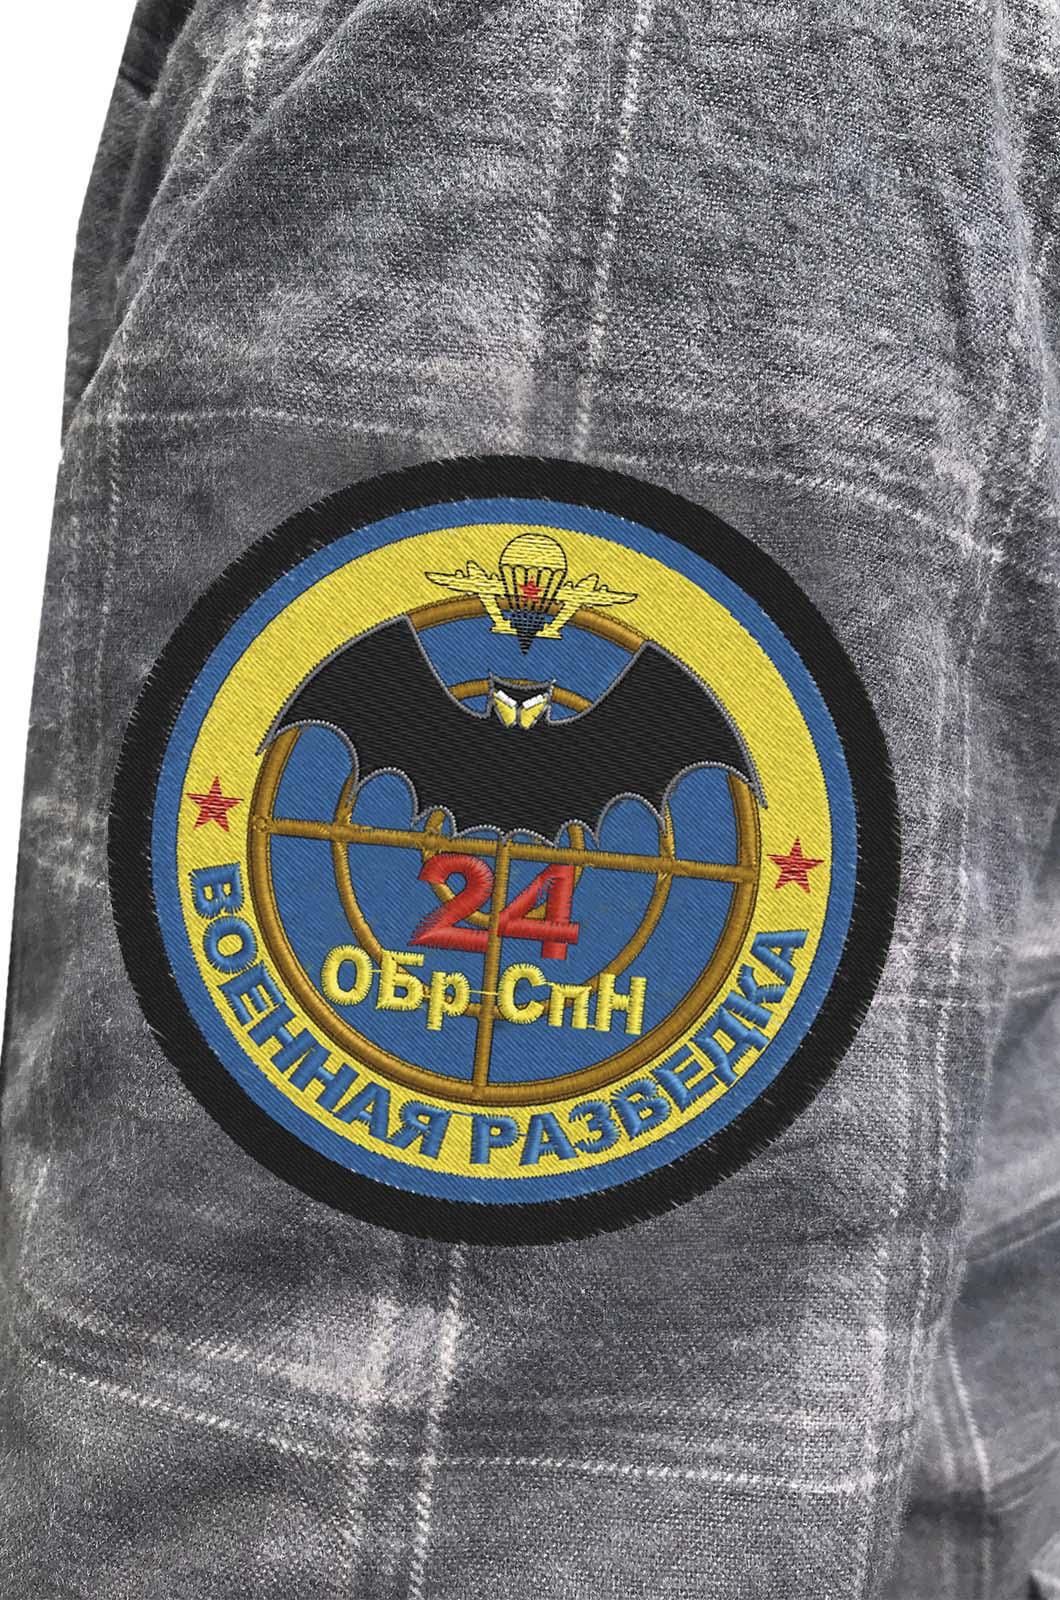 Рубашка с шевроном Военной разведки 24 ОБрСпН купить по лучшей цене